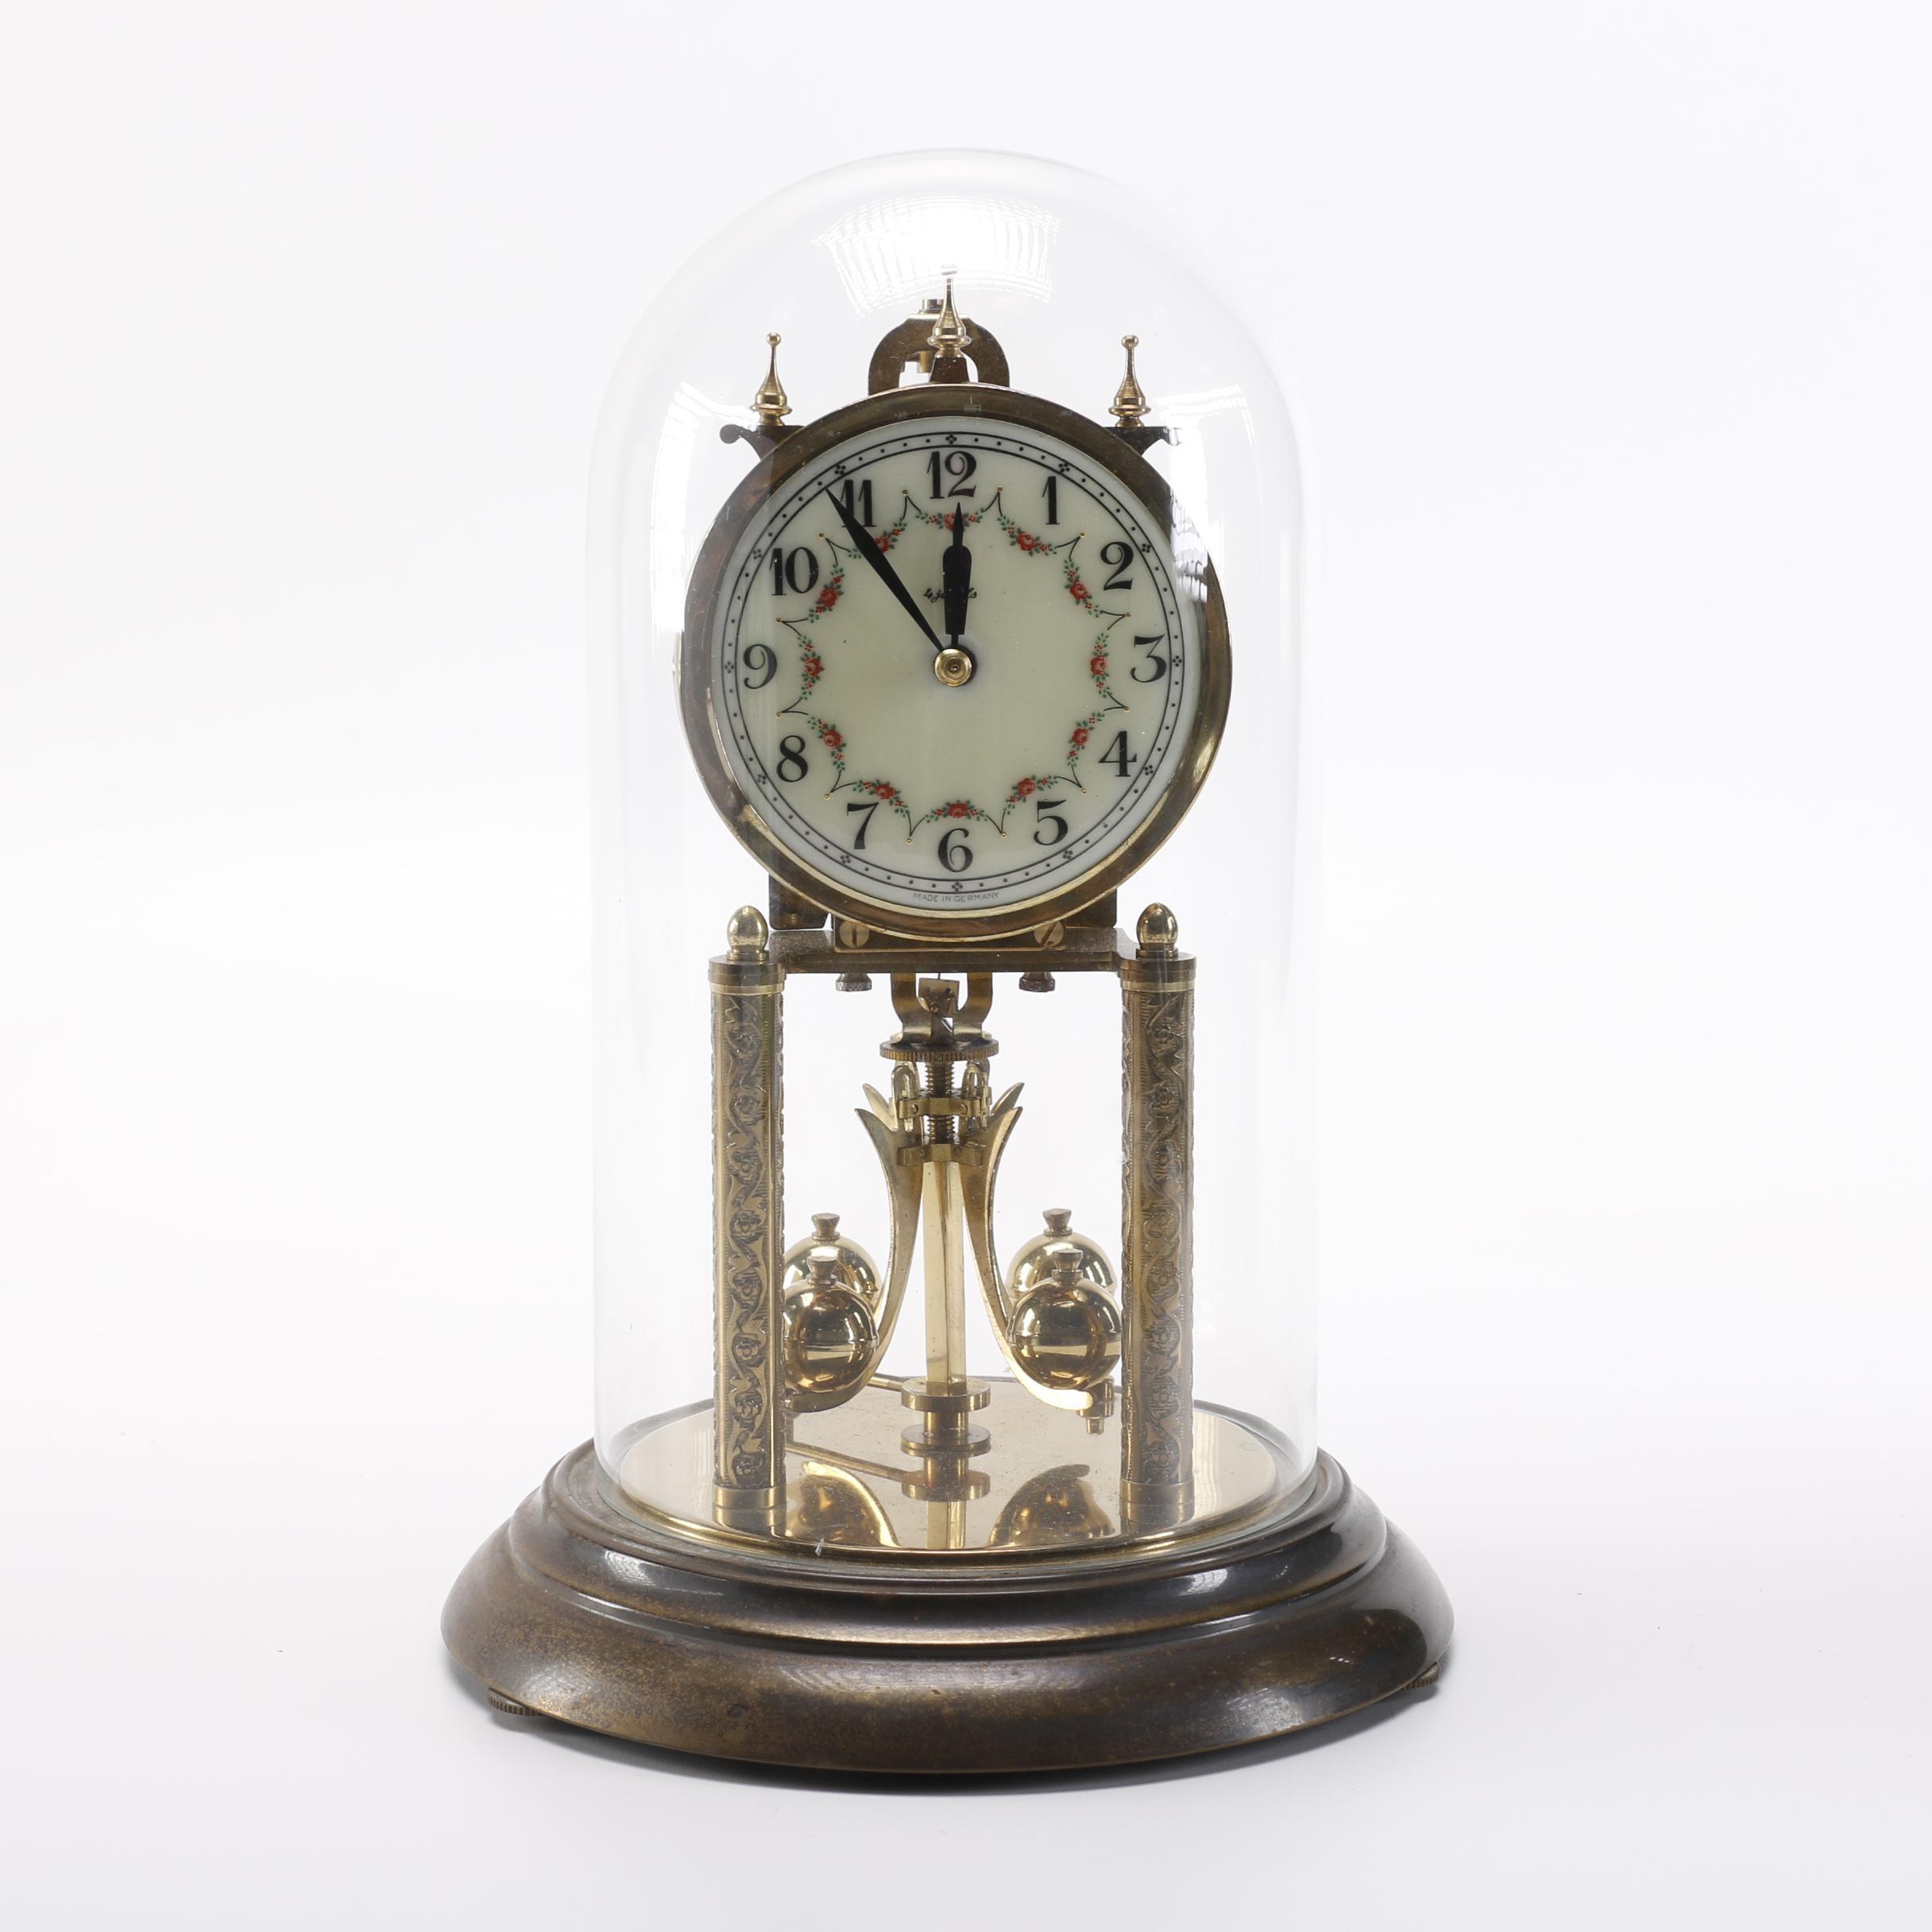 euramca anniversary clock 1x1